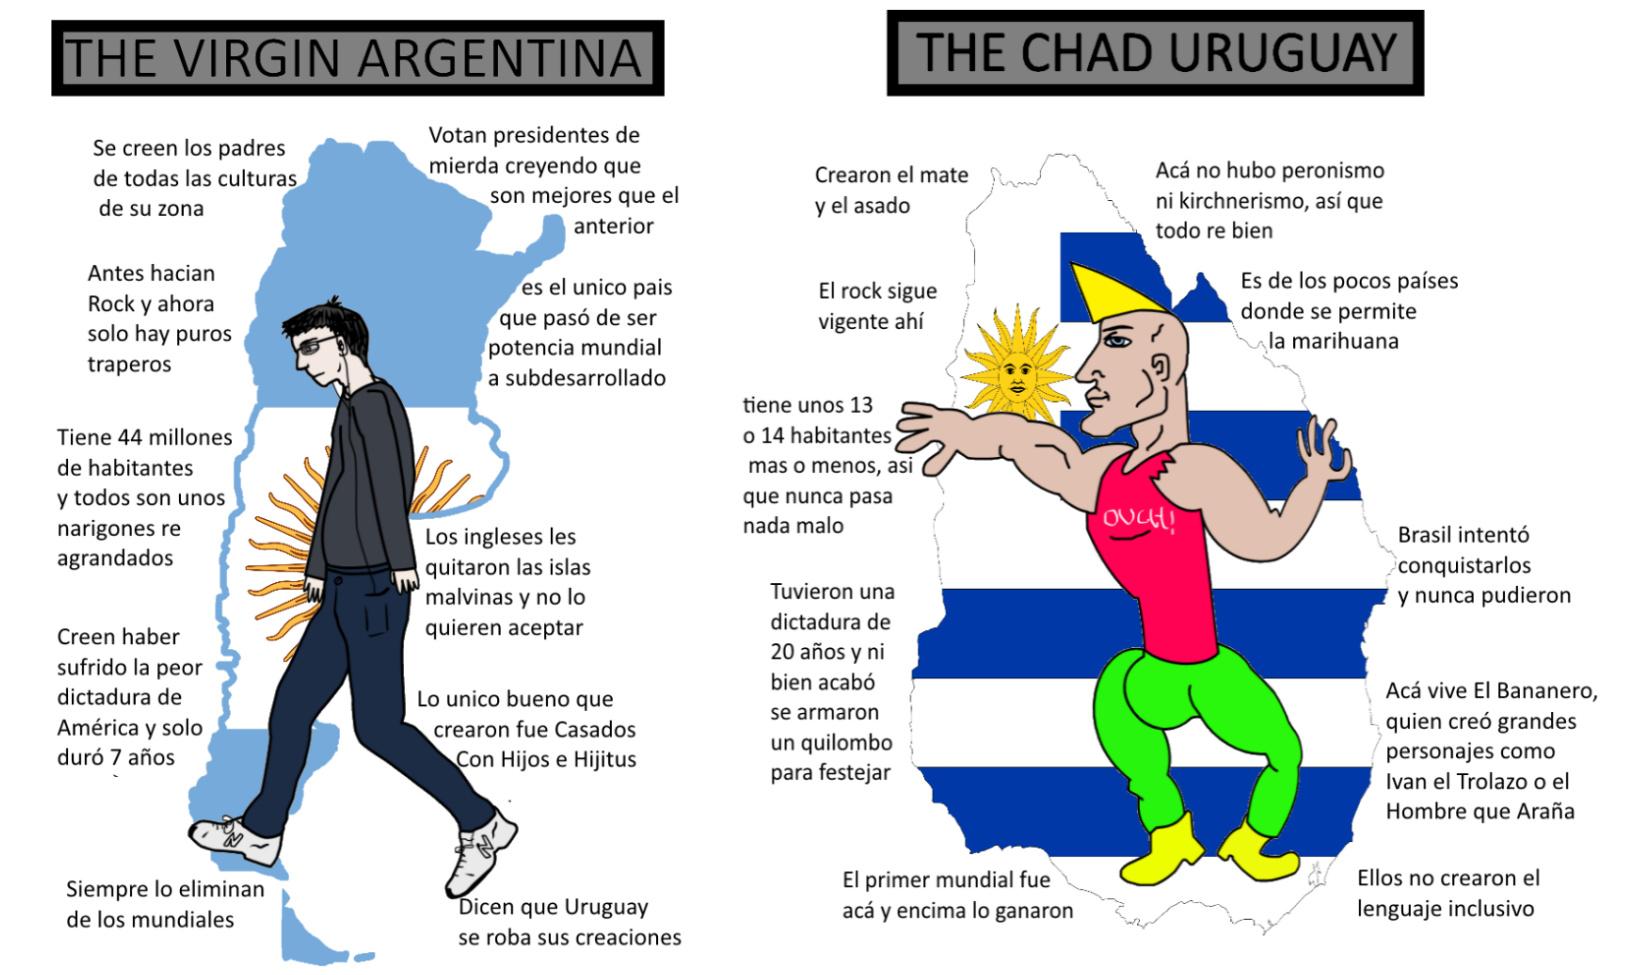 Argentina Vs Uruguay - meme